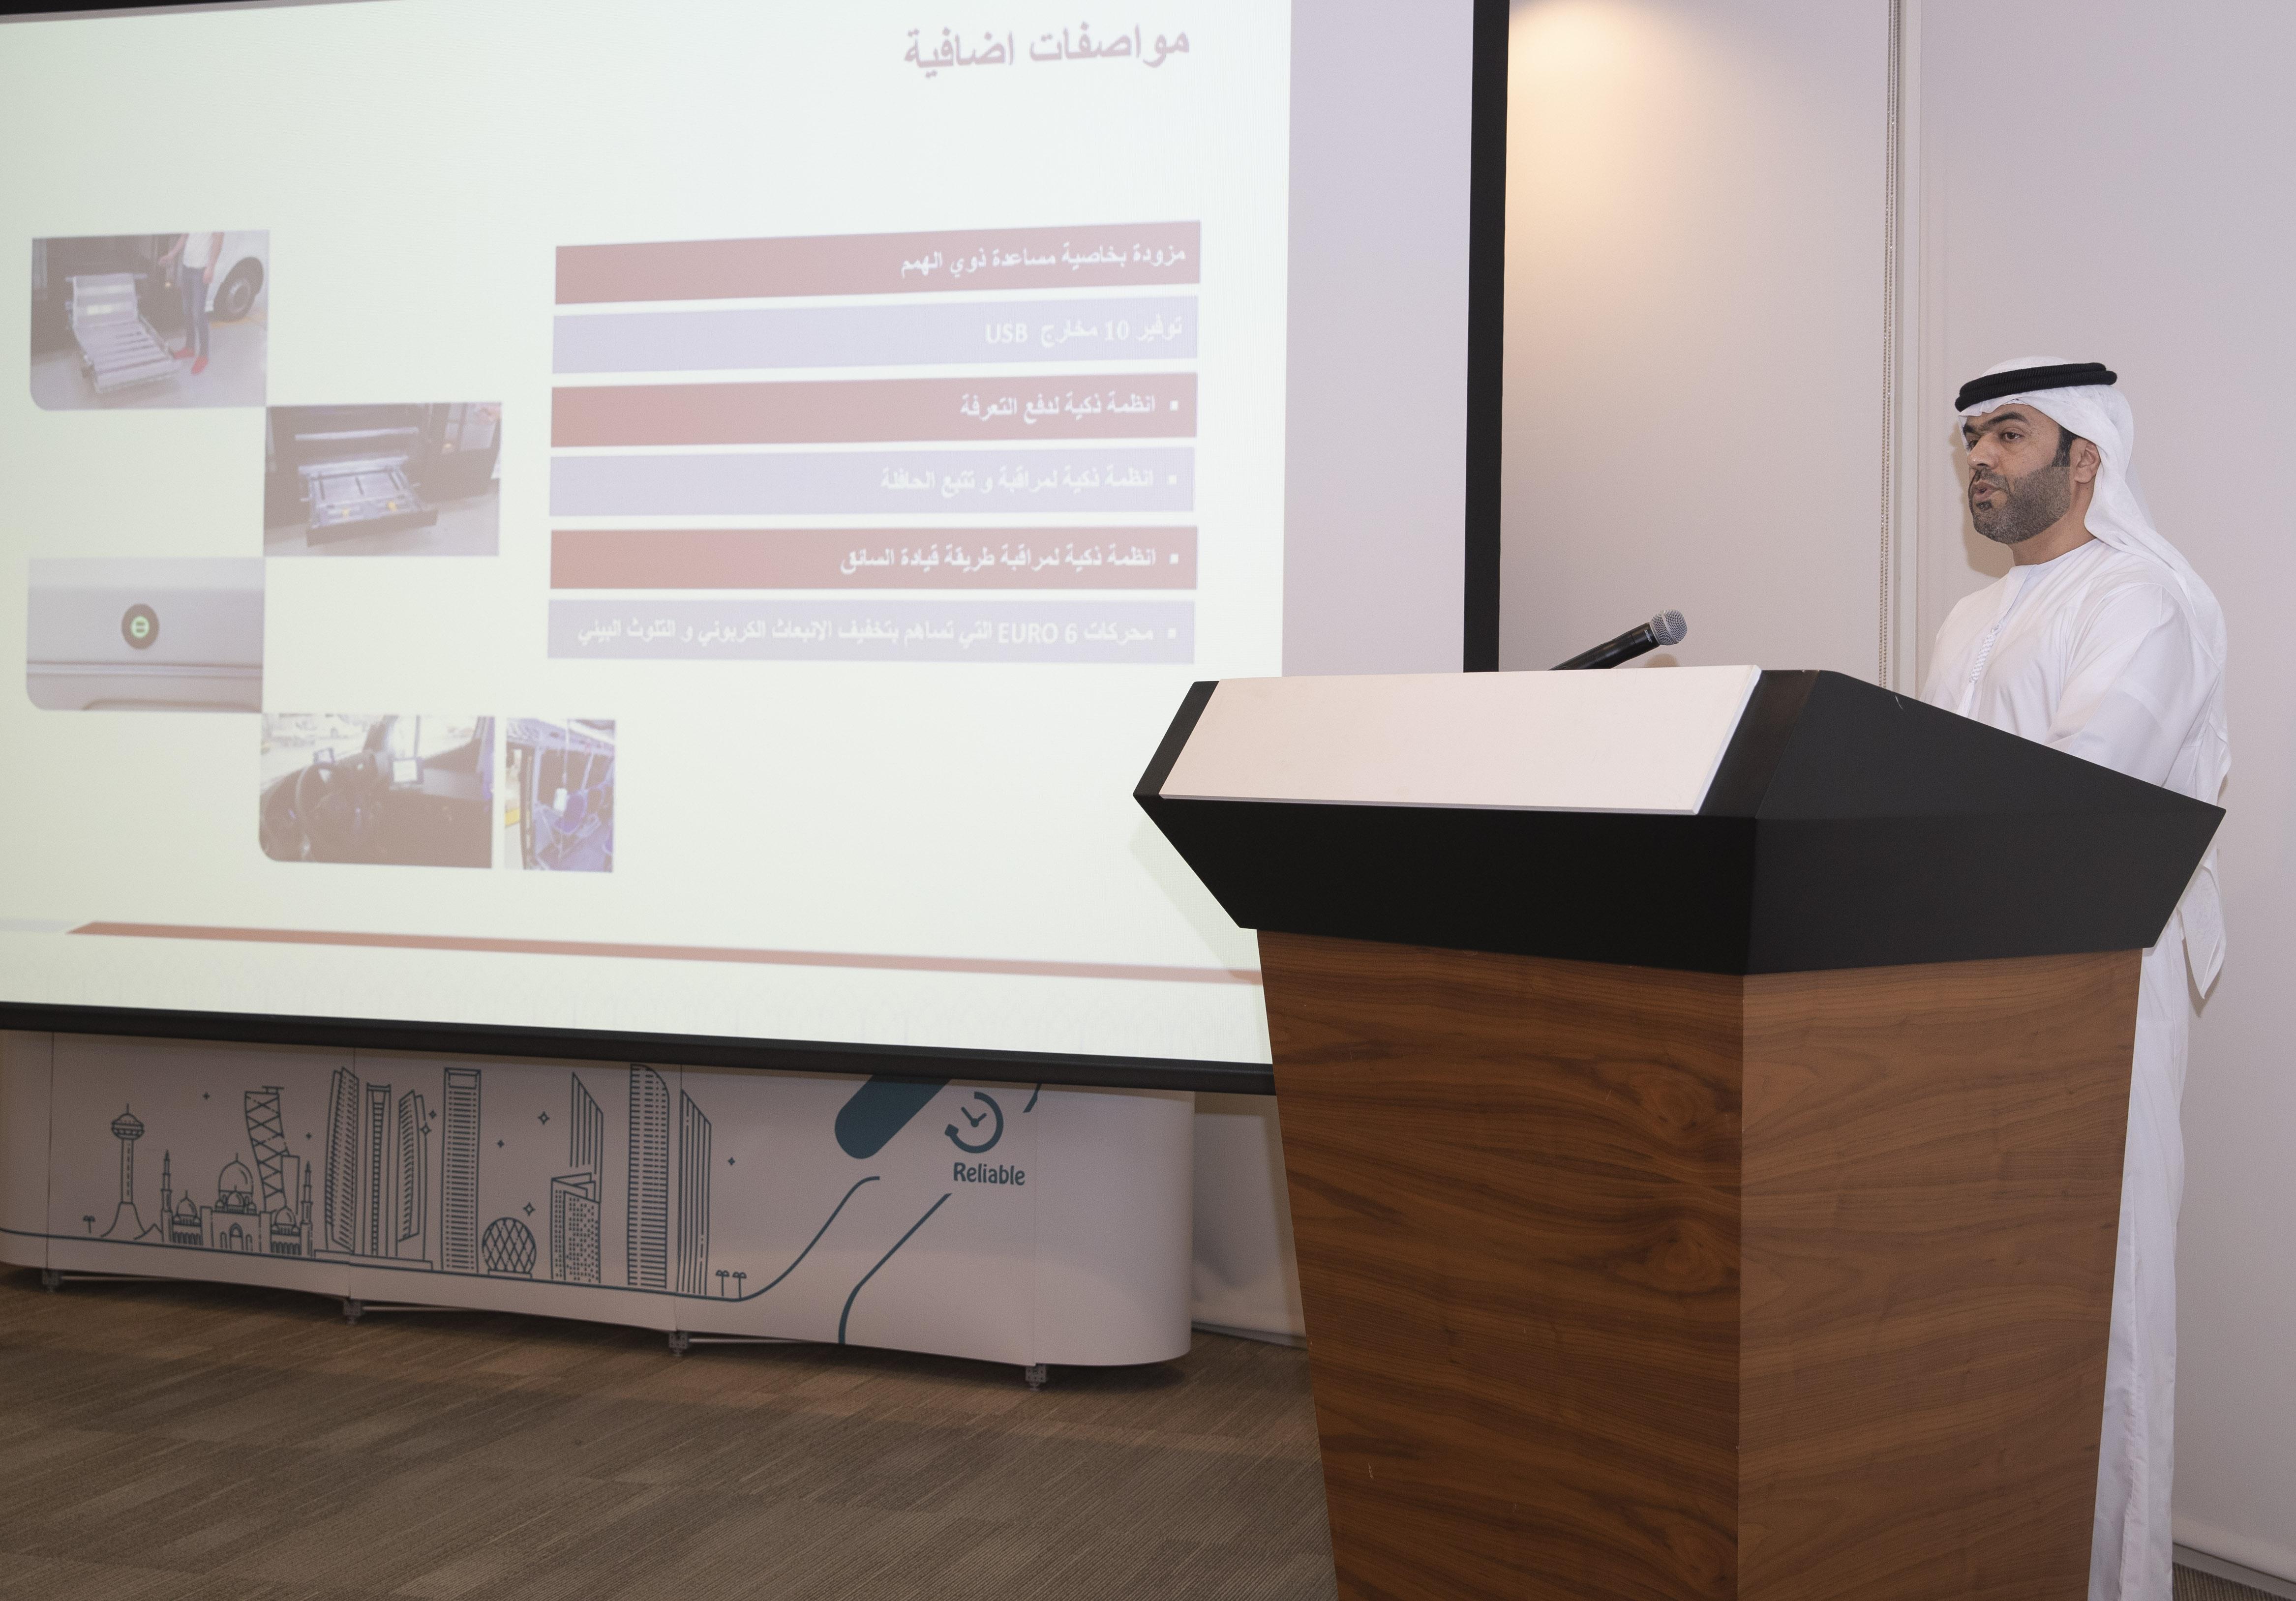 بتكلفة 473 مليون درهم ..مركز النقل المتكامل يعزز خدمات النقل العام في مدينة أبوظبي